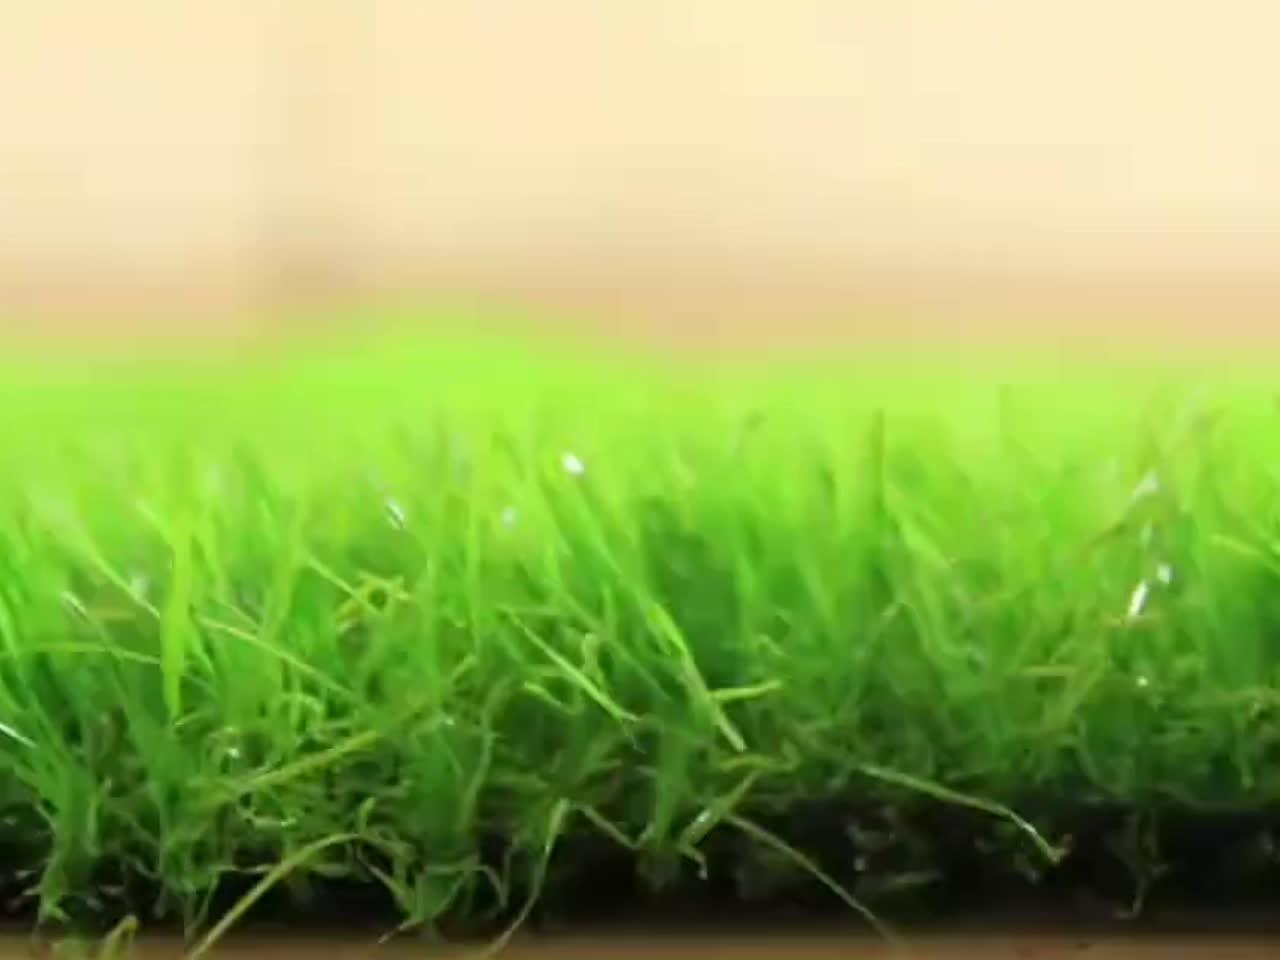 มืออาชีพระดับไฮเอนด์ภูมิทัศน์หญ้าเทียม,ตกแต่งสวนหญ้าเทียมสำหรับบ้าน/สวน